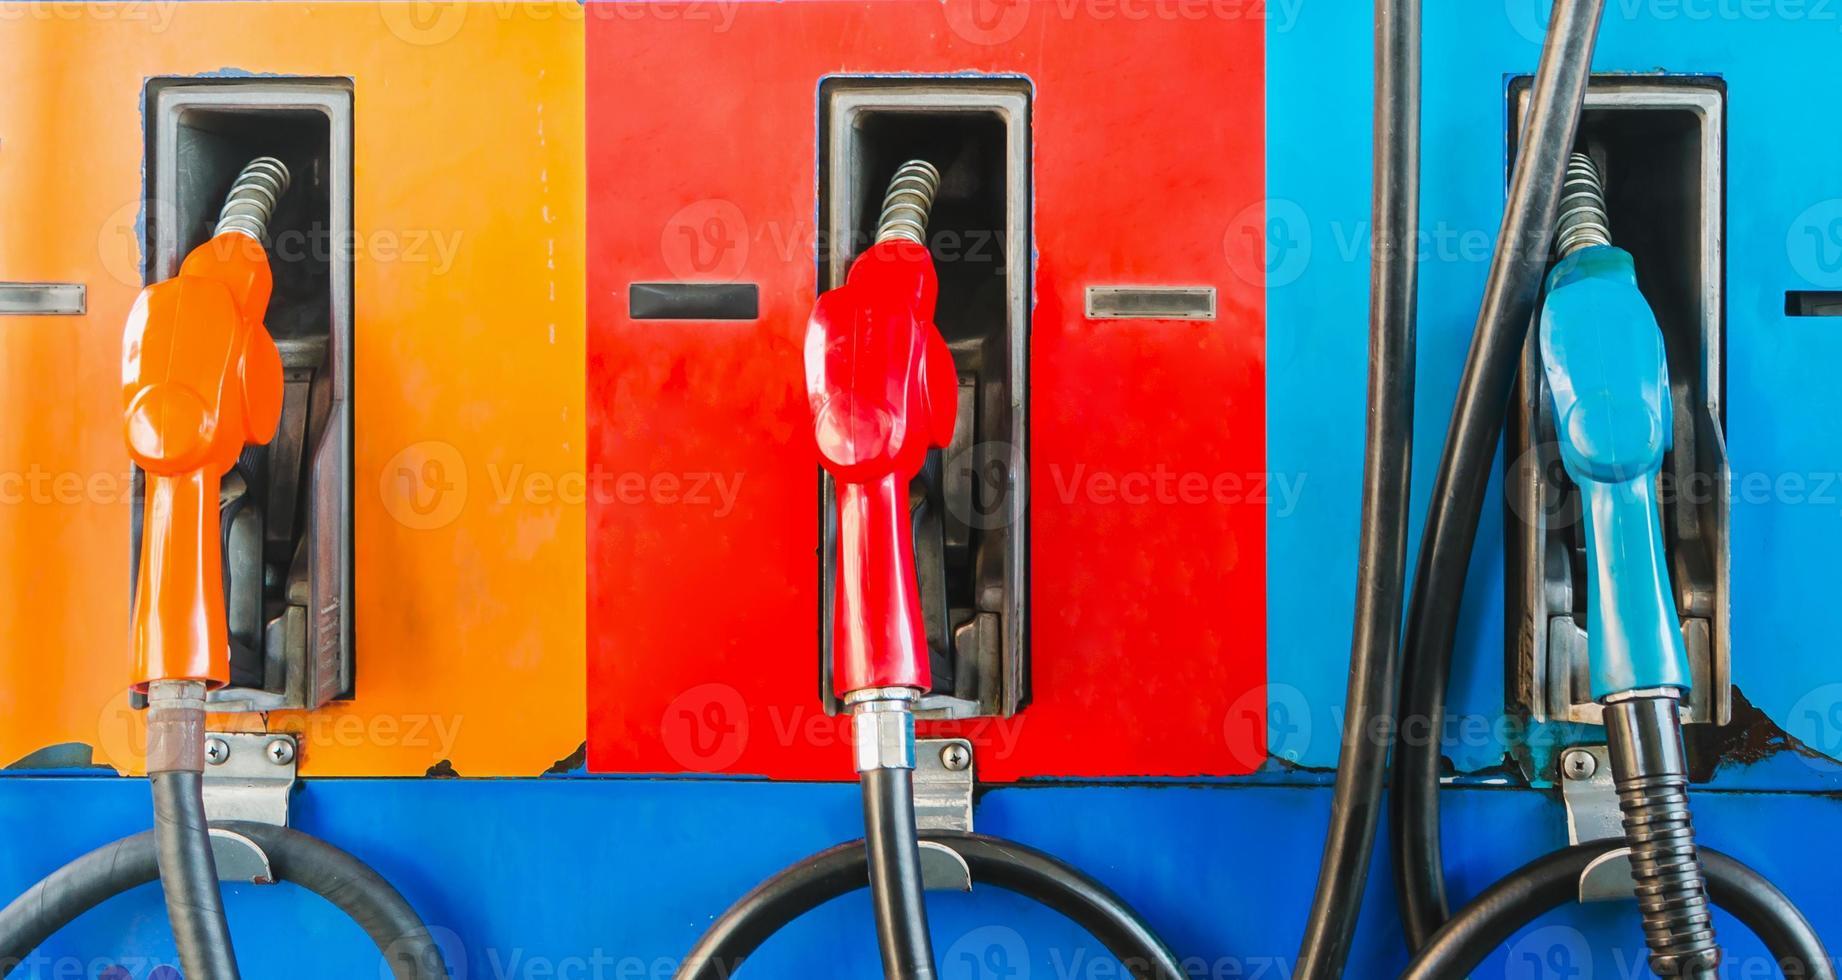 bensindispenser foto